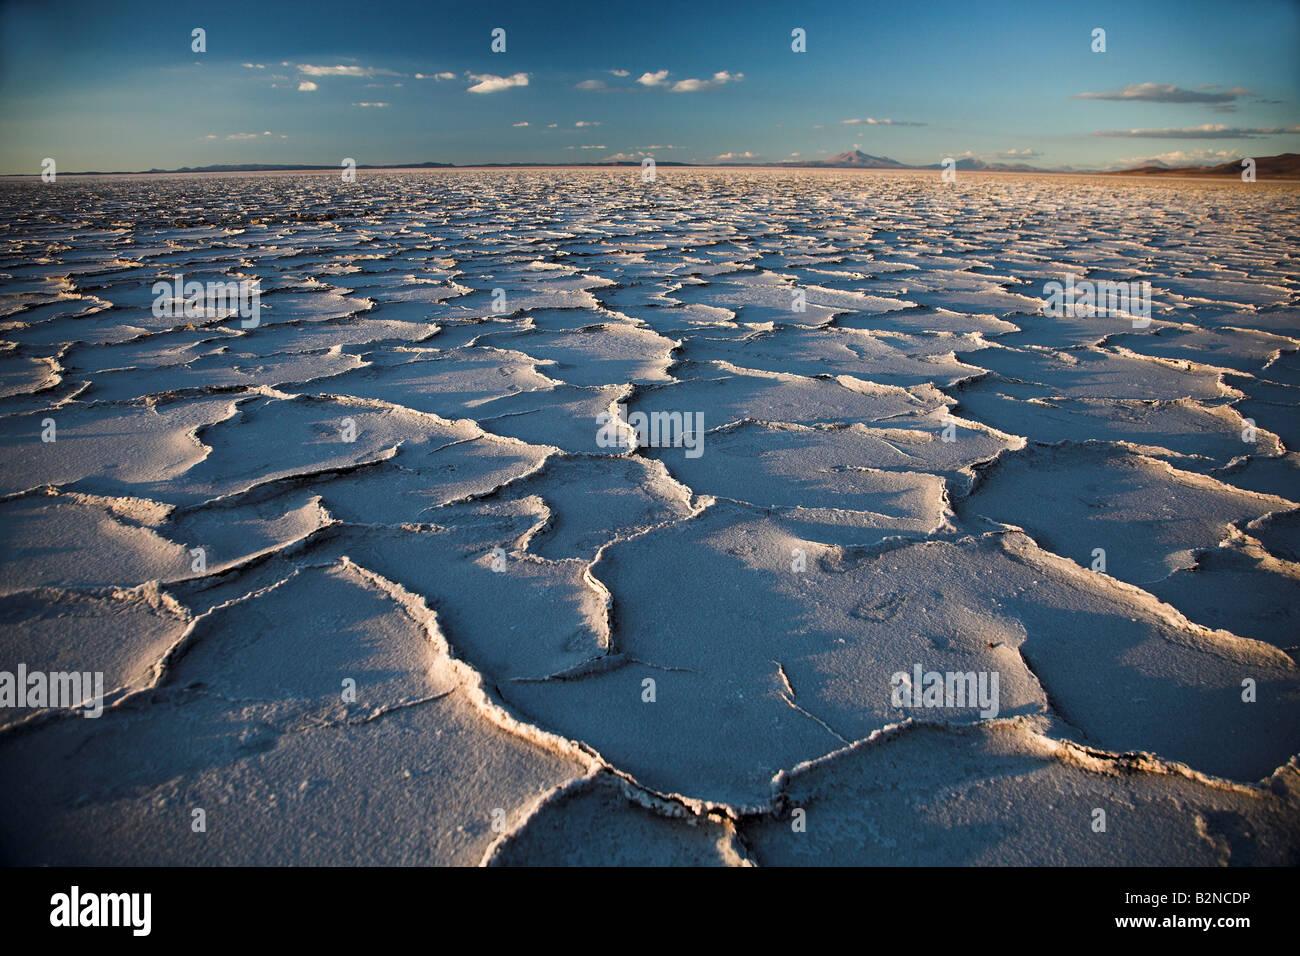 La surface de la terre craquelée au lever du soleil dans le Salar de Uyuni en Bolivie. Photo Stock